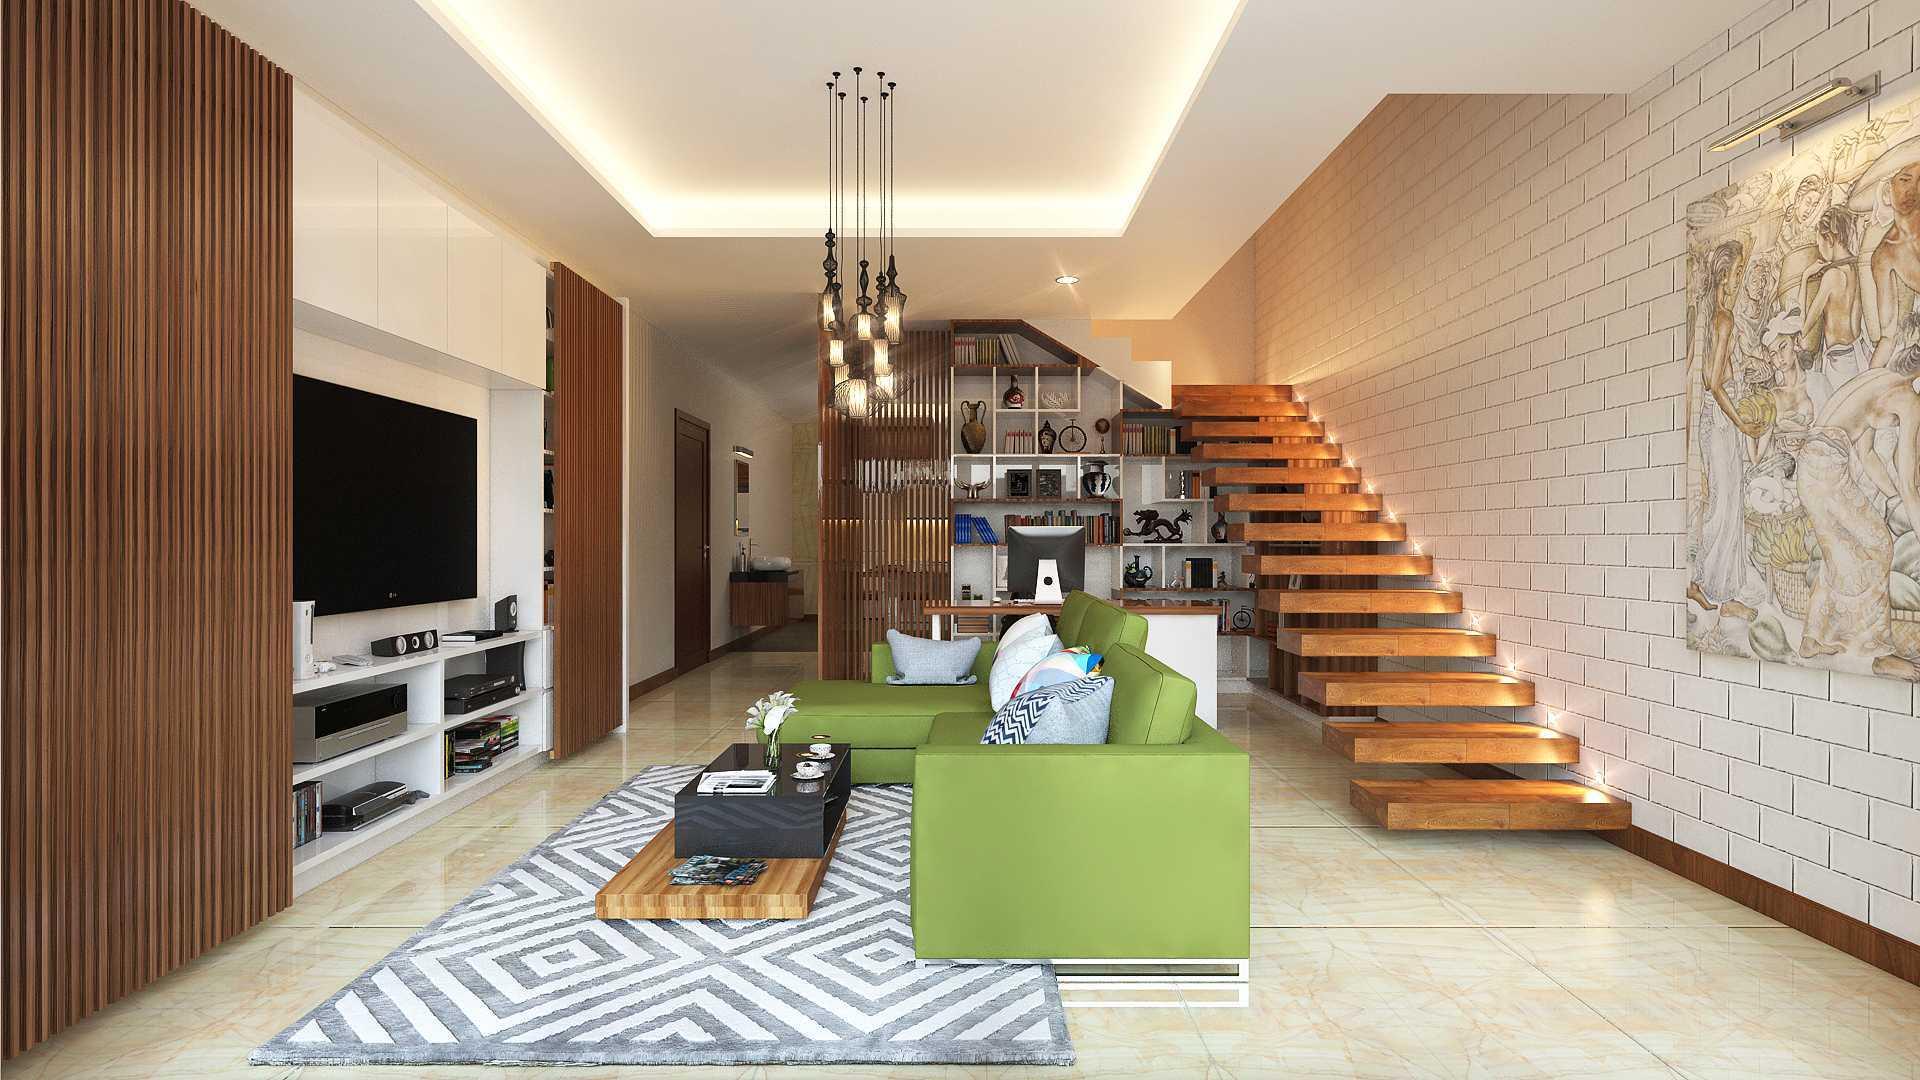 Pt Dekorasi Hunian Indonesia Private Villa At Bali Bali, Indonesia Bali, Indonesia Family Room   46477